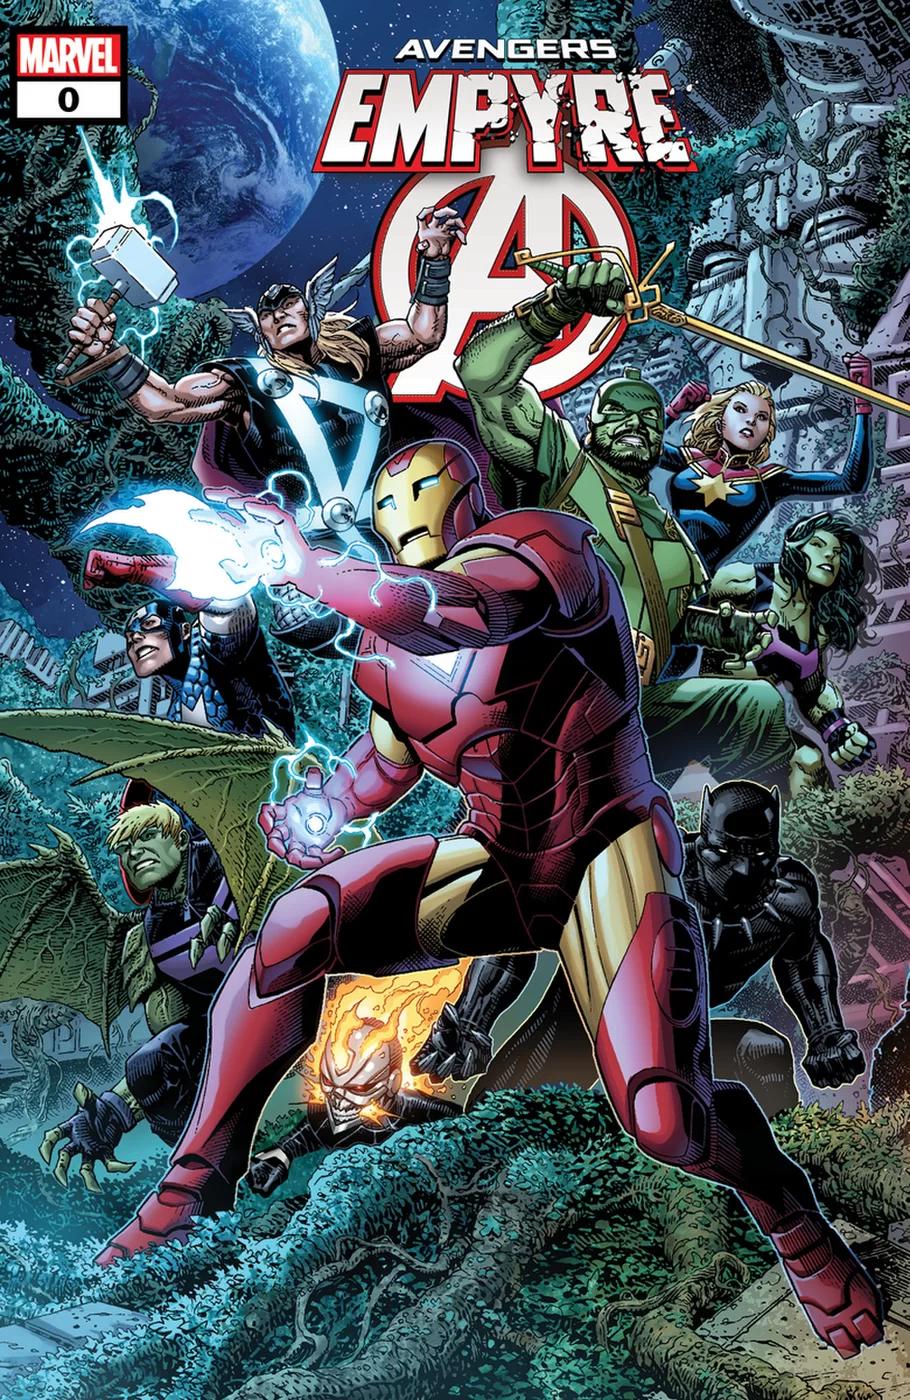 Empyre 0 Avengers Jim Cheung In 2020 Marvel Comics Avengers Marvel